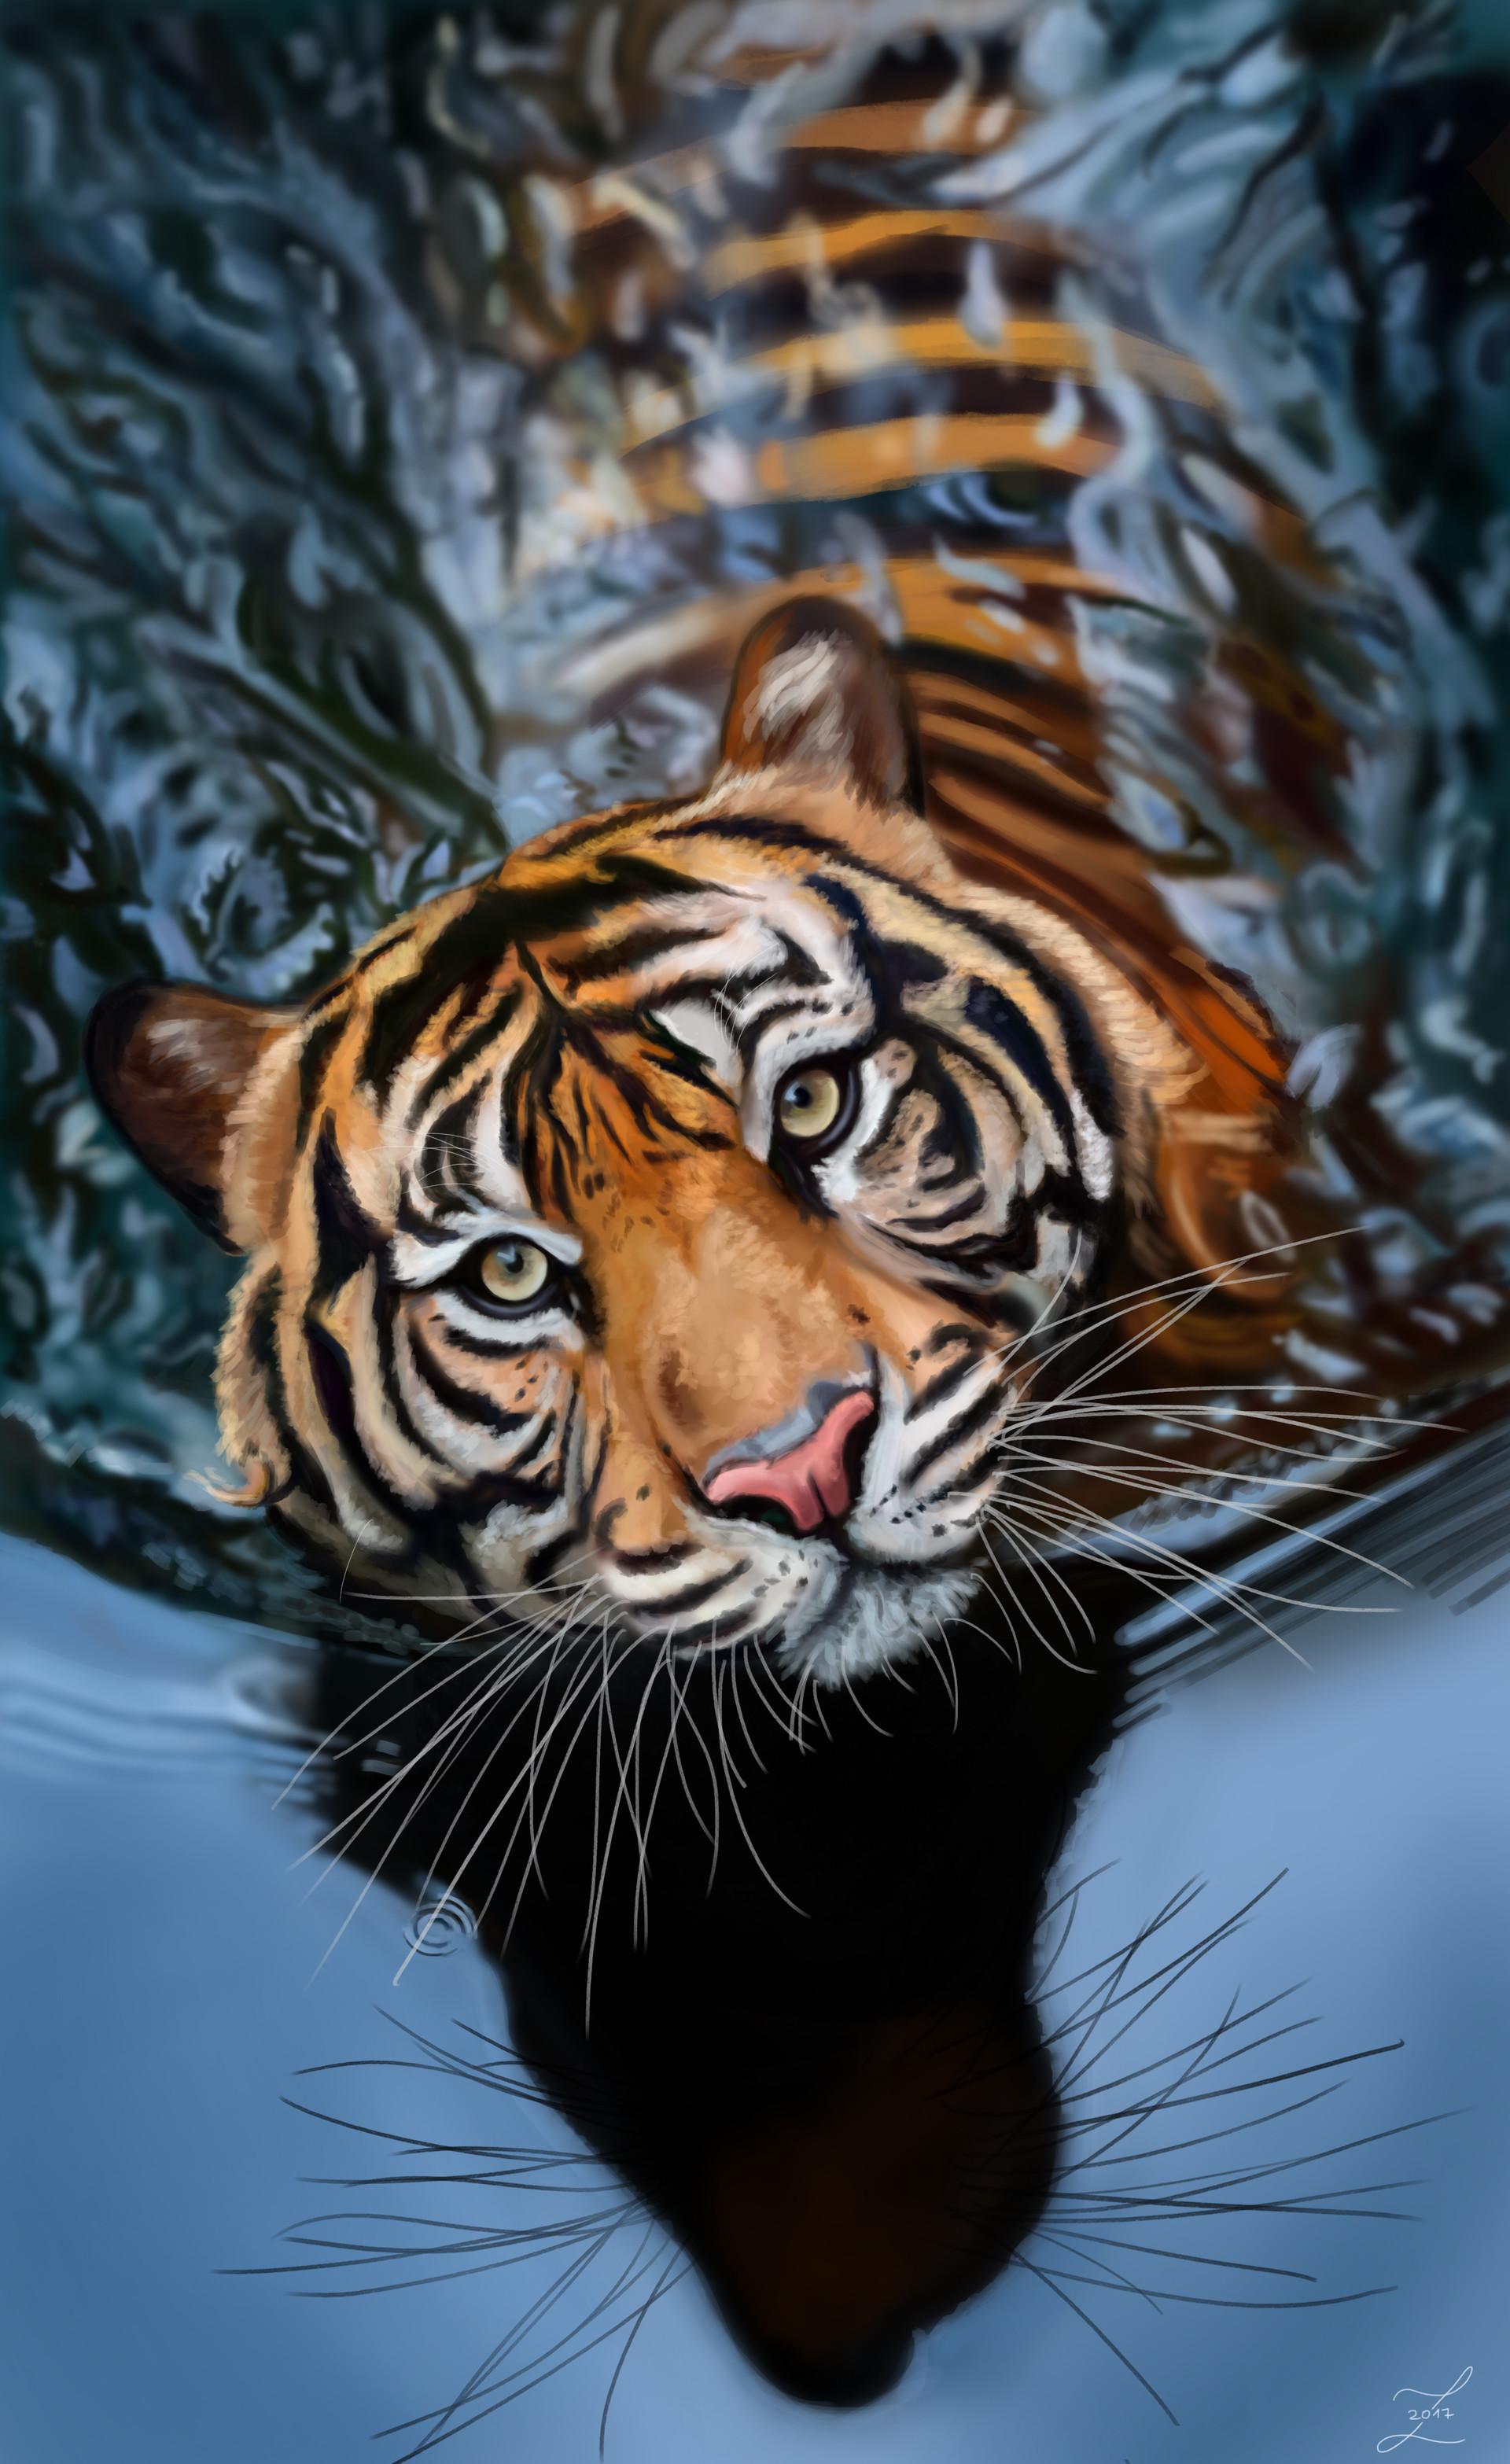 92902 скачать обои Тигр, Большая Кошка, Хищник, Вода, Арт, Полосатый - заставки и картинки бесплатно